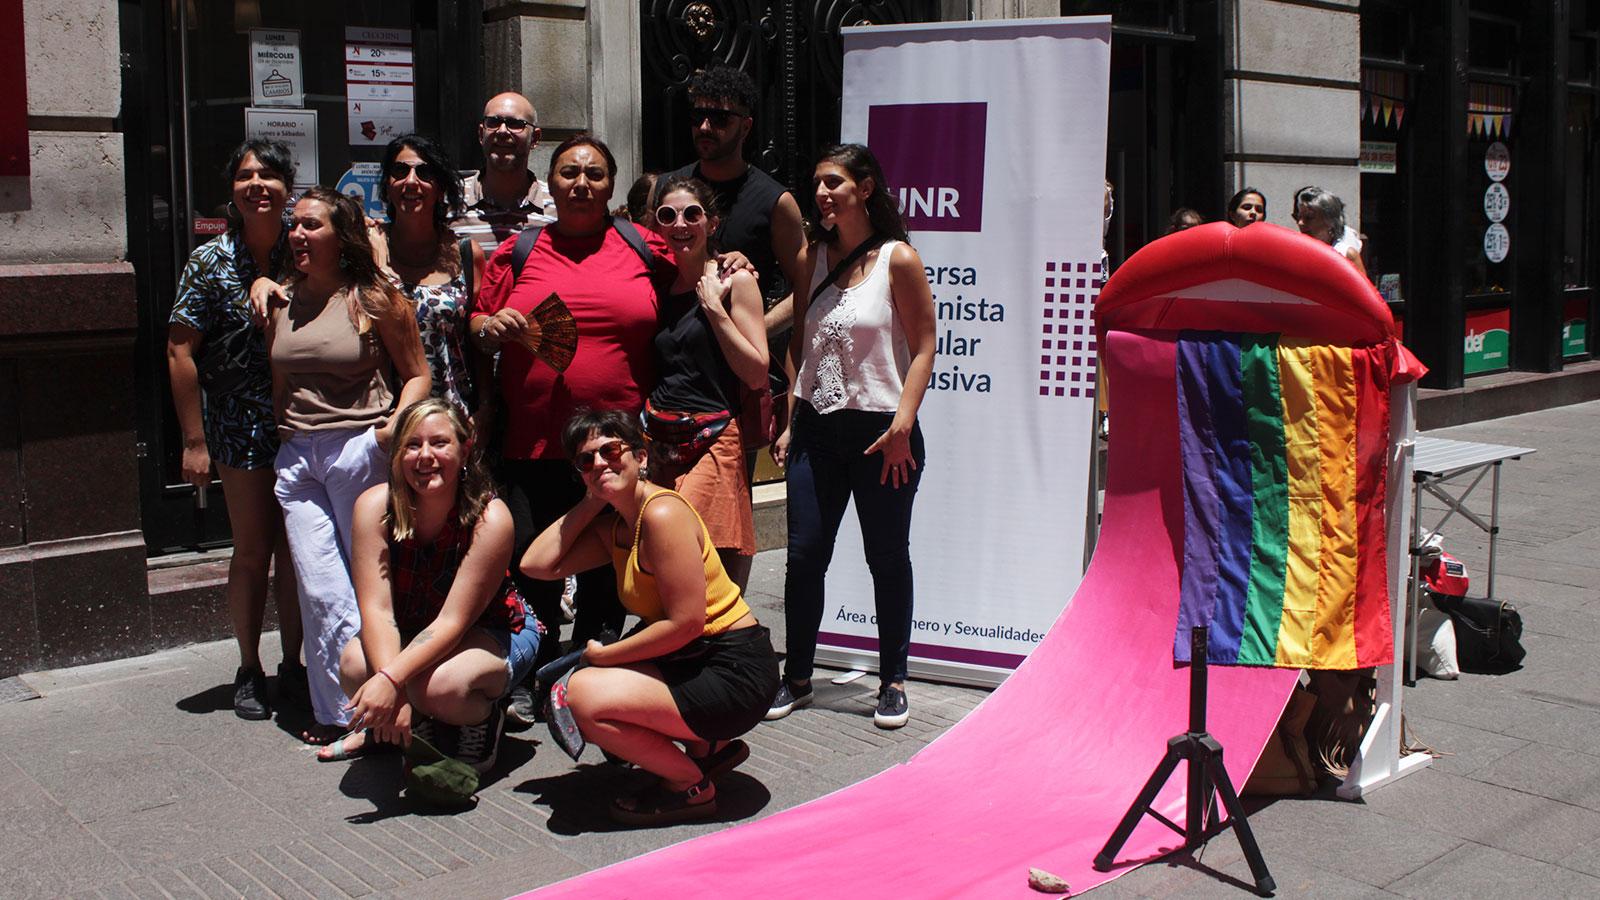 Les integrantes del área de género y sexualidades de la UNR